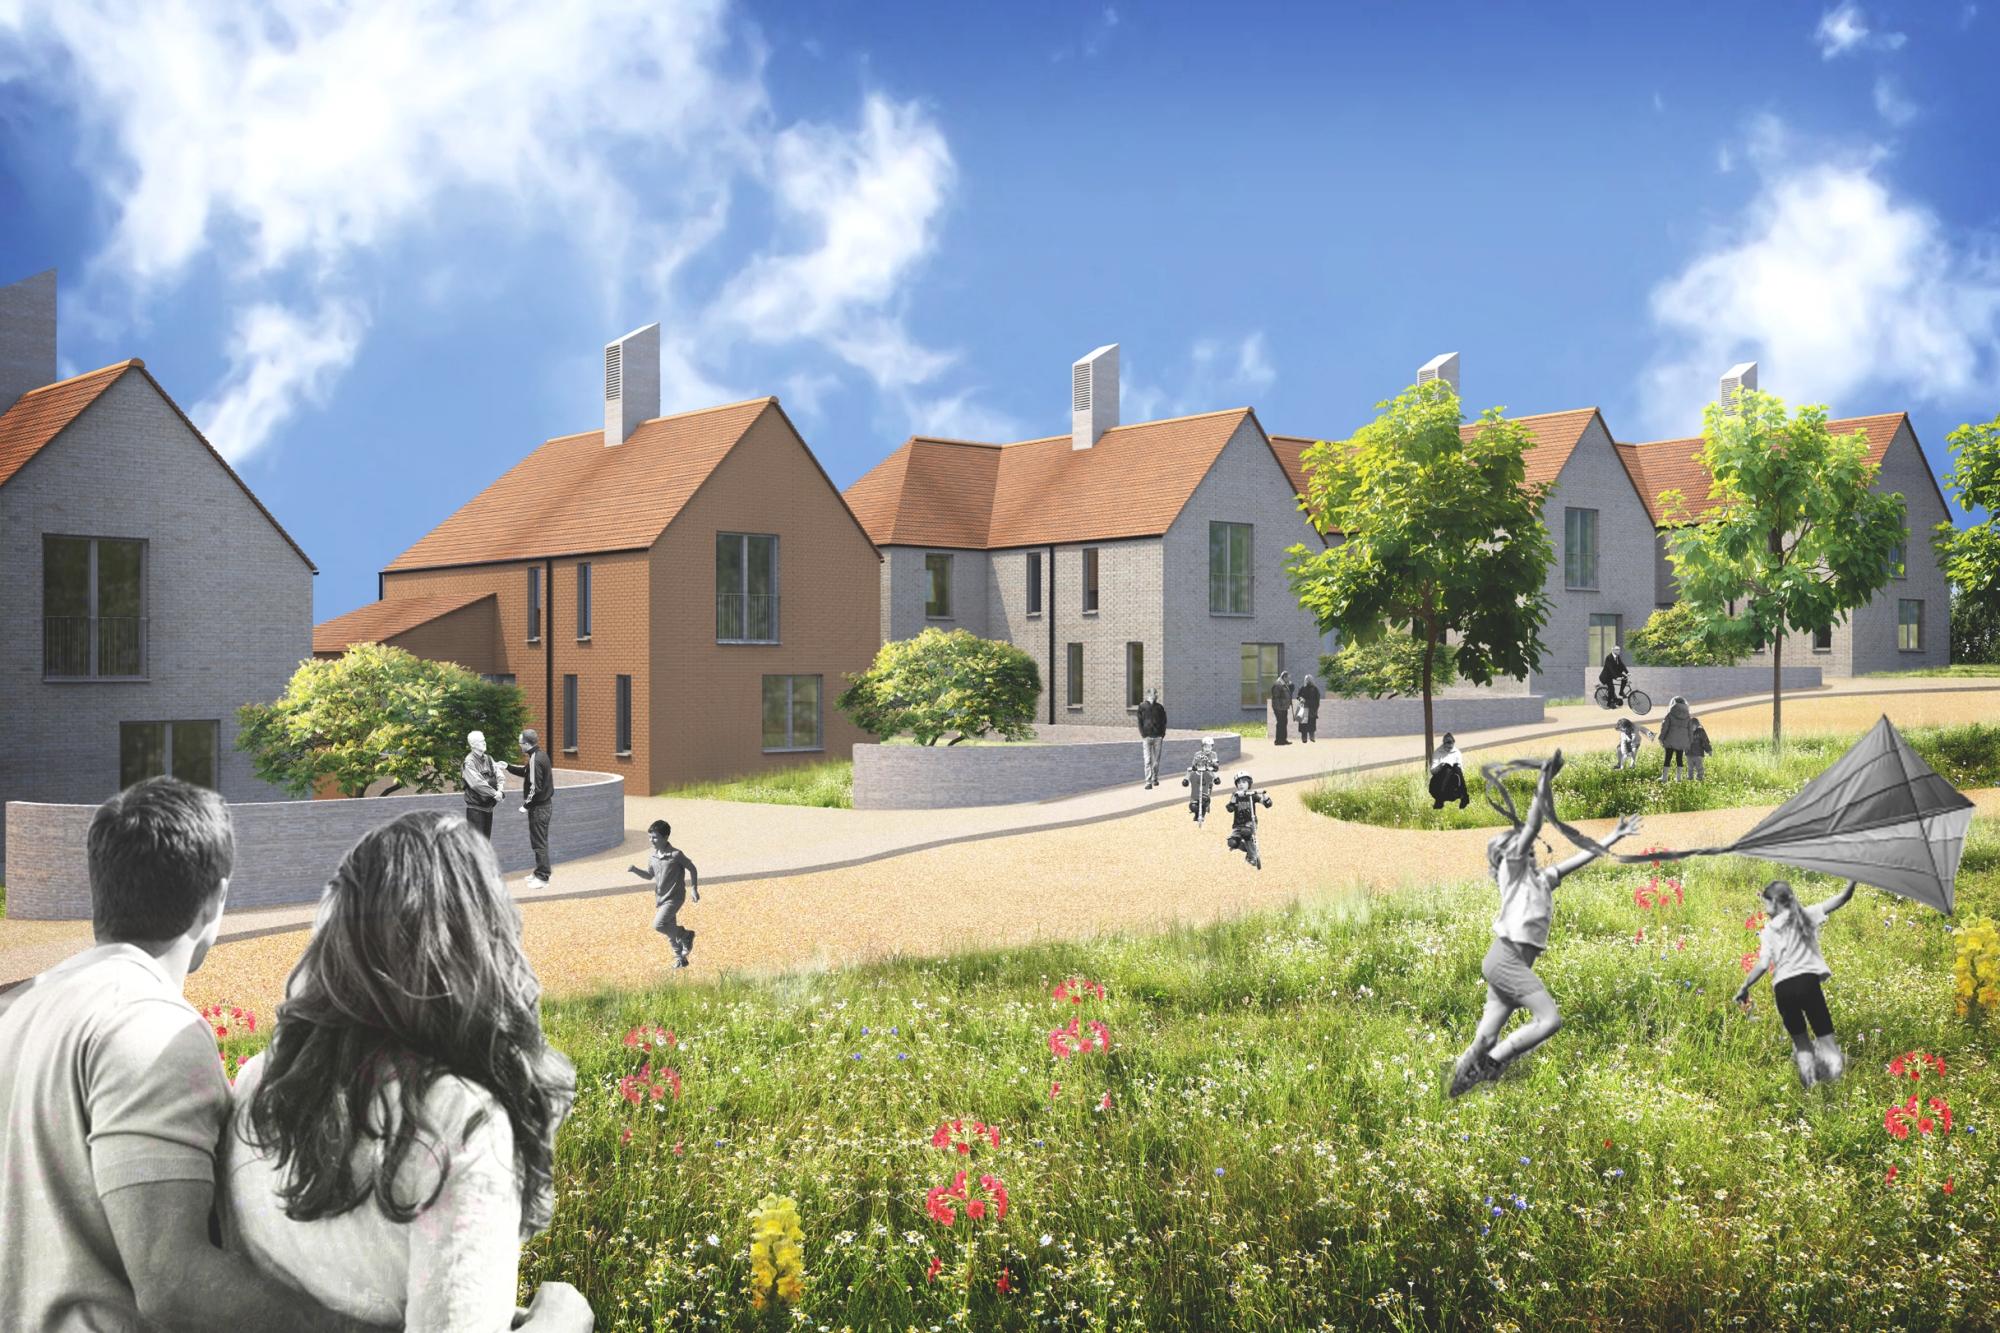 residential, detached homes, landscape, daytime render, artlantis, vectorworks, ancient woodland